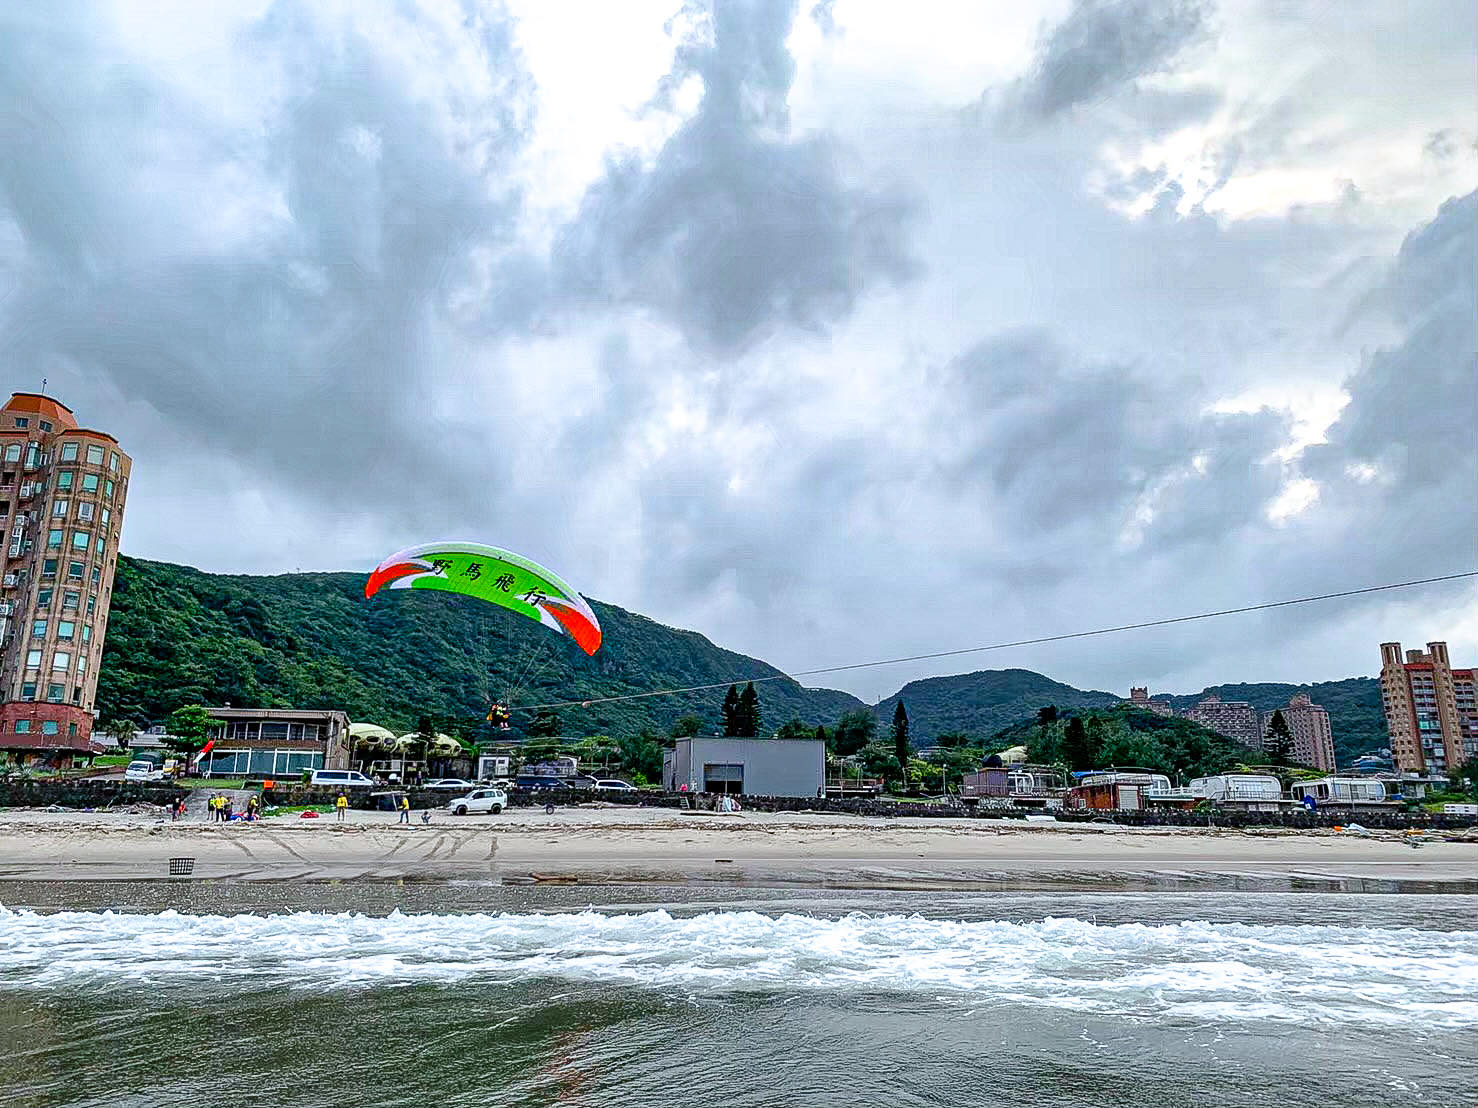 萬里野馬飛行傘俱樂部-Mustang Paragliding Club